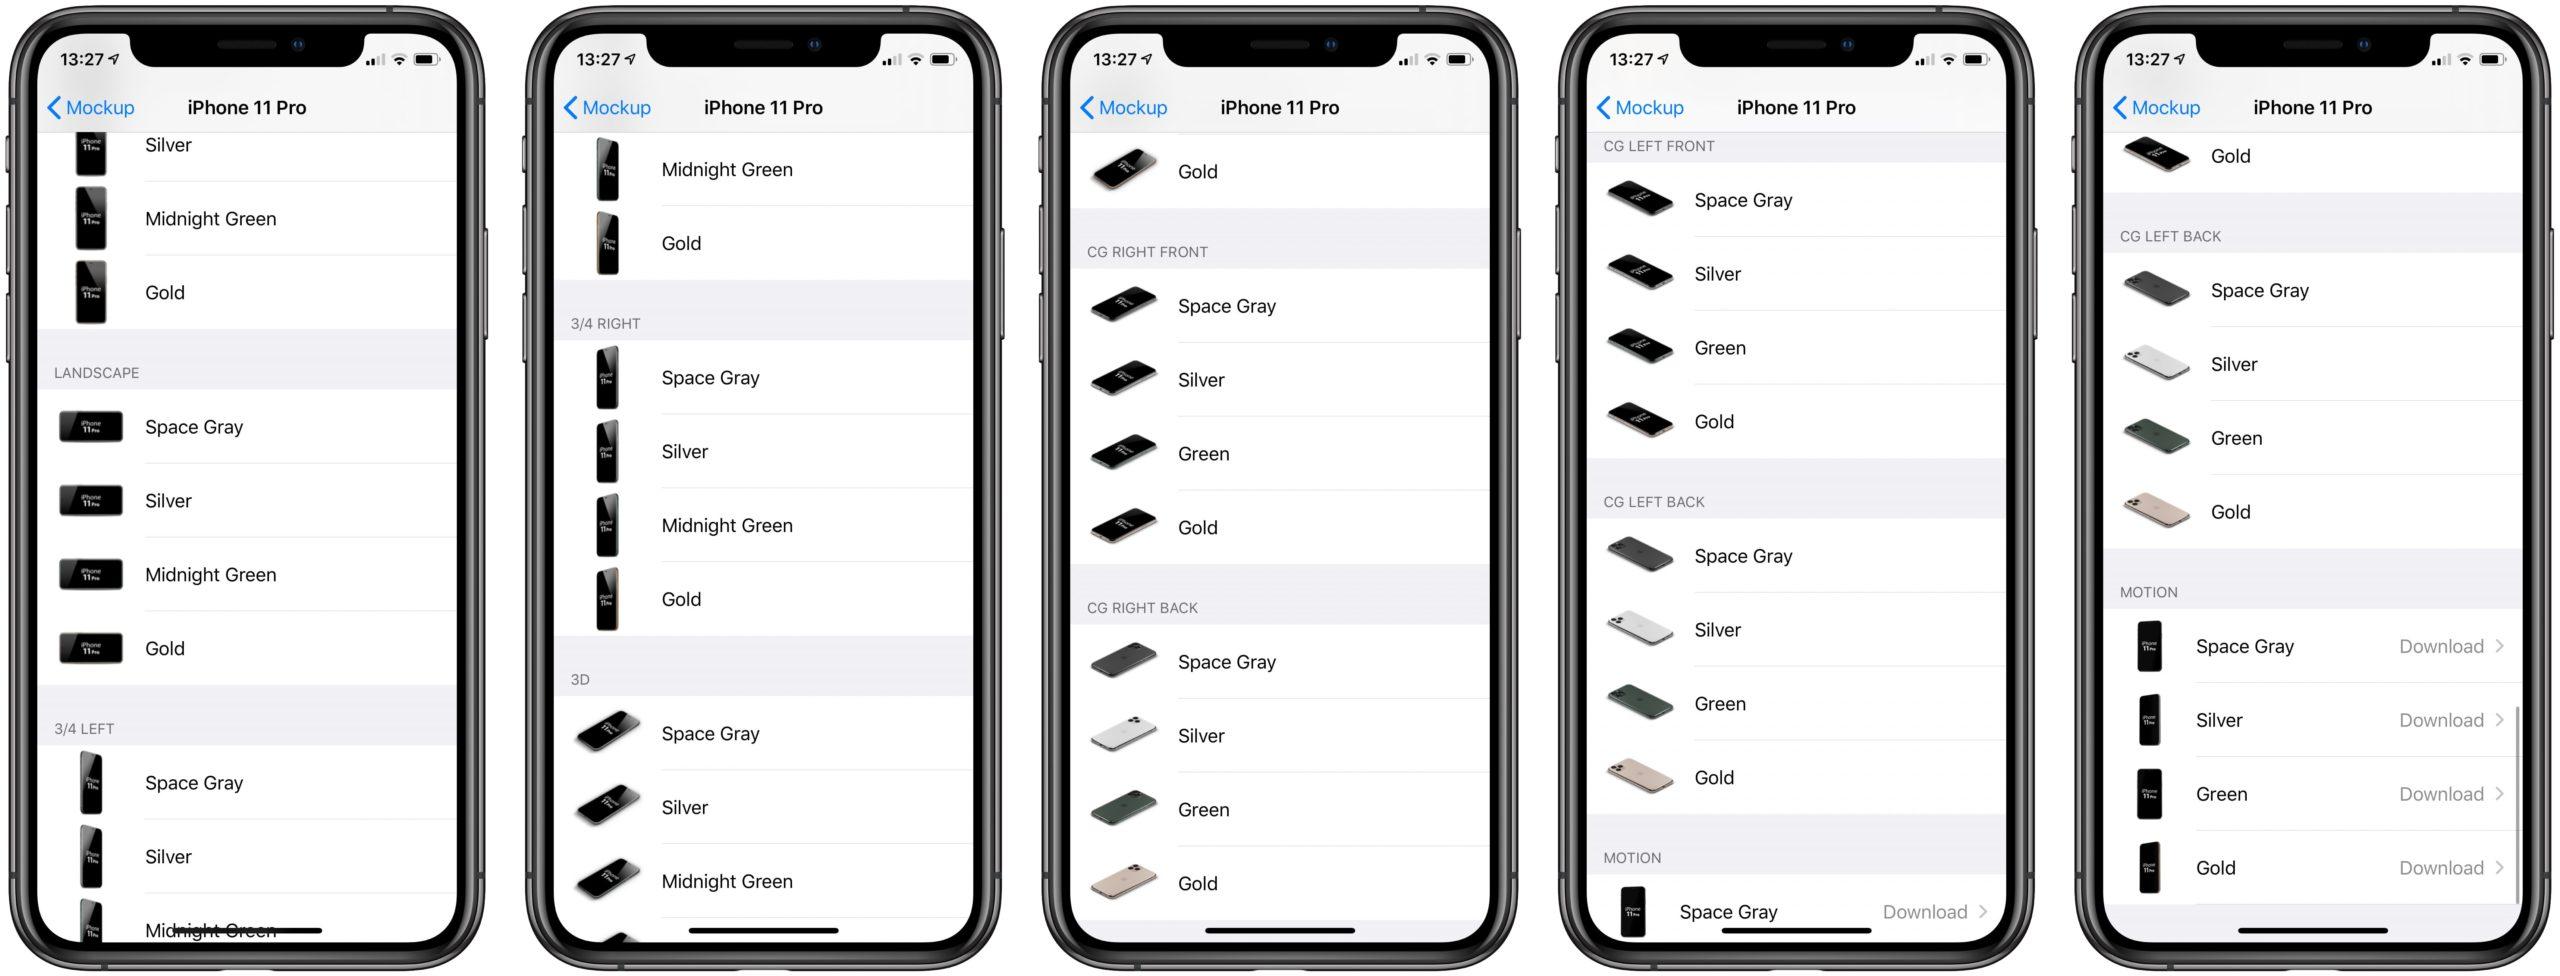 Все доступные варианты скриншотов дл iPhone 11 Pro